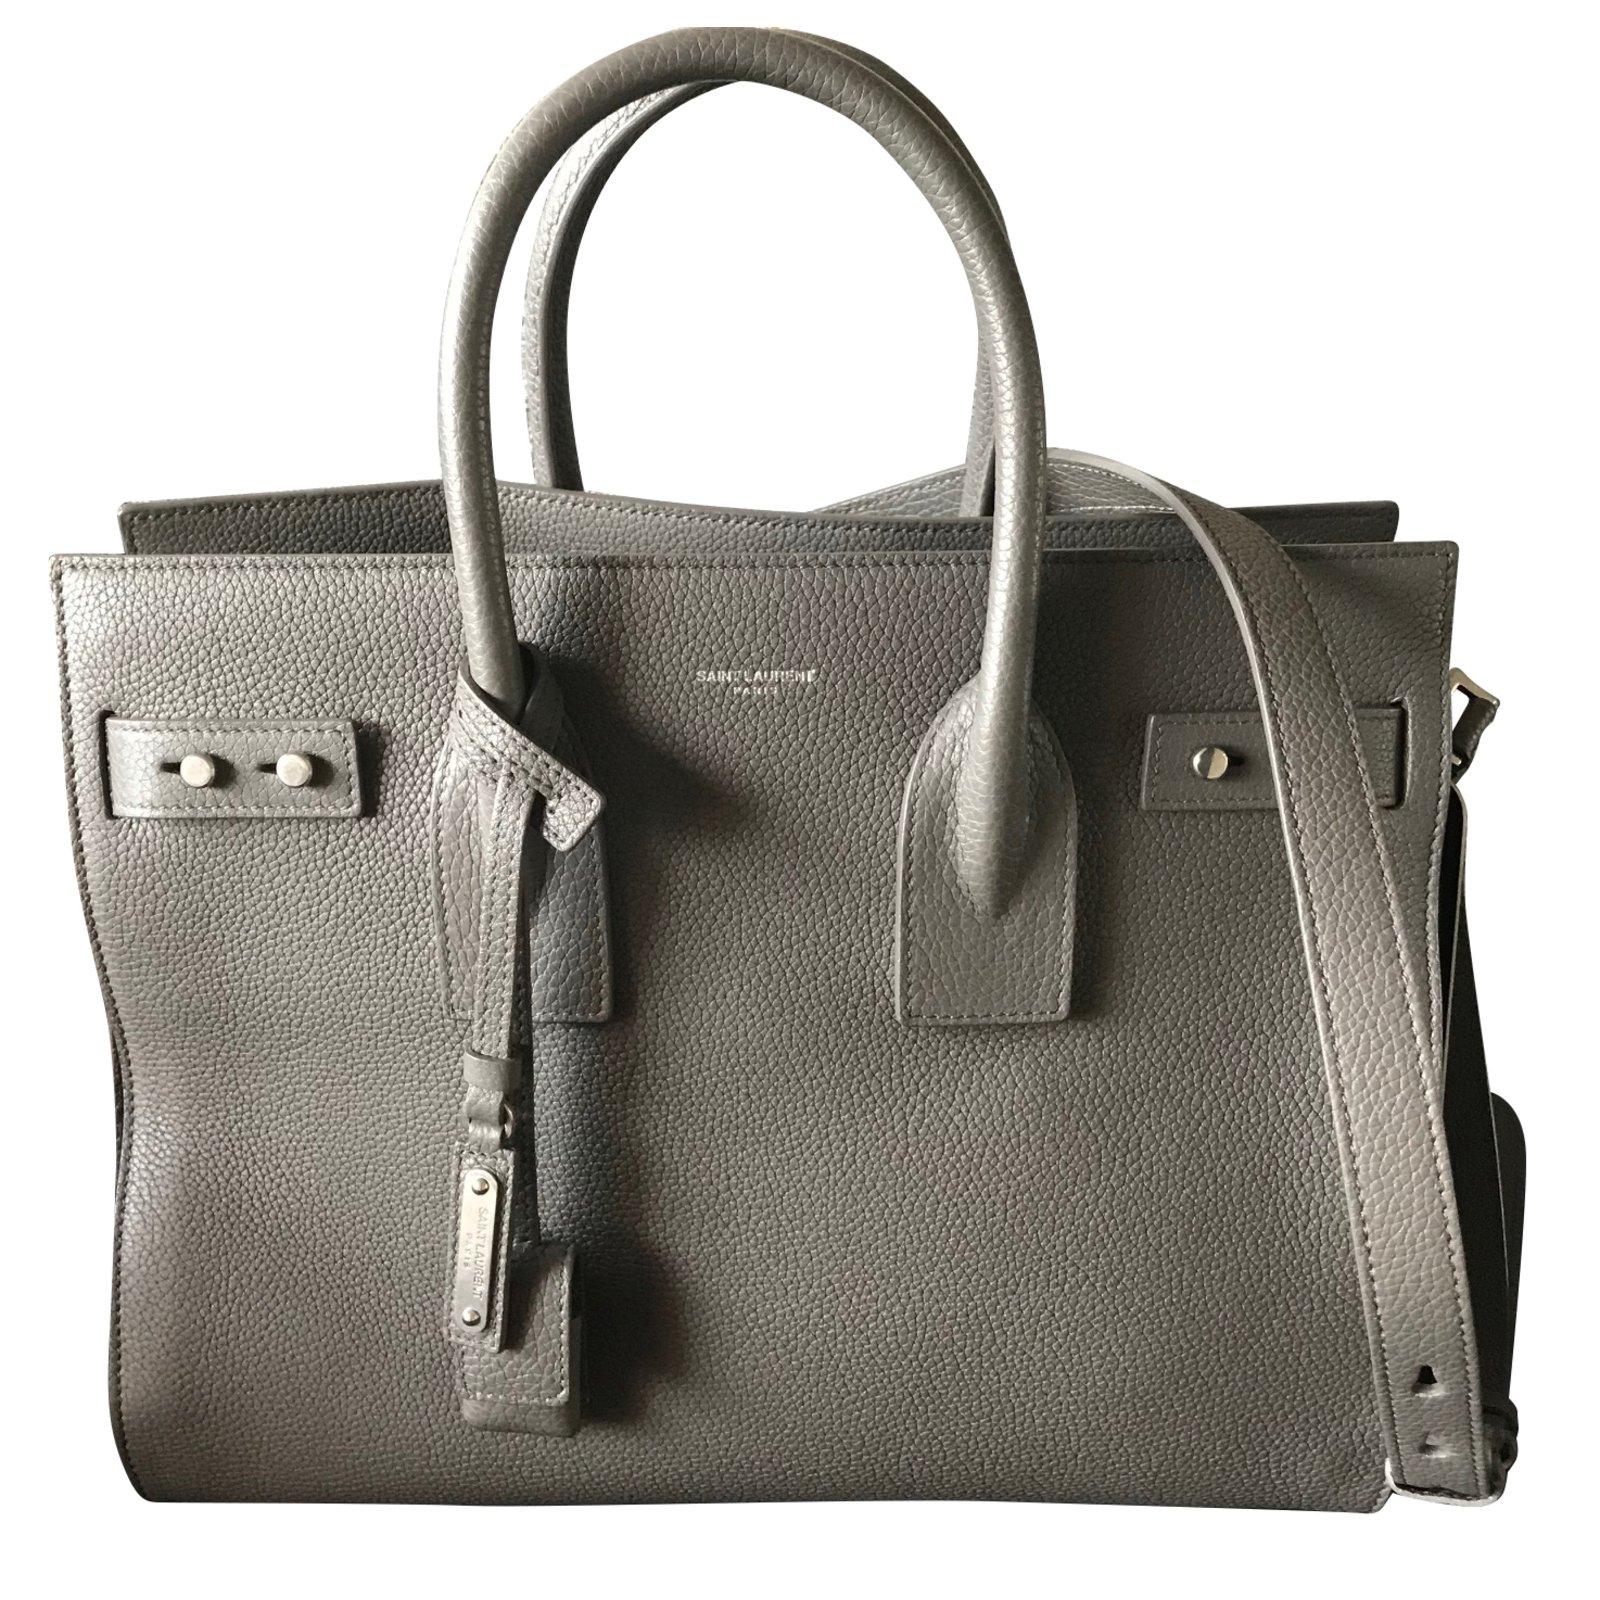 Saint Laurent Sac de jour Handbags Leather Grey ref.60129 - Joli Closet 55ea1311eef7